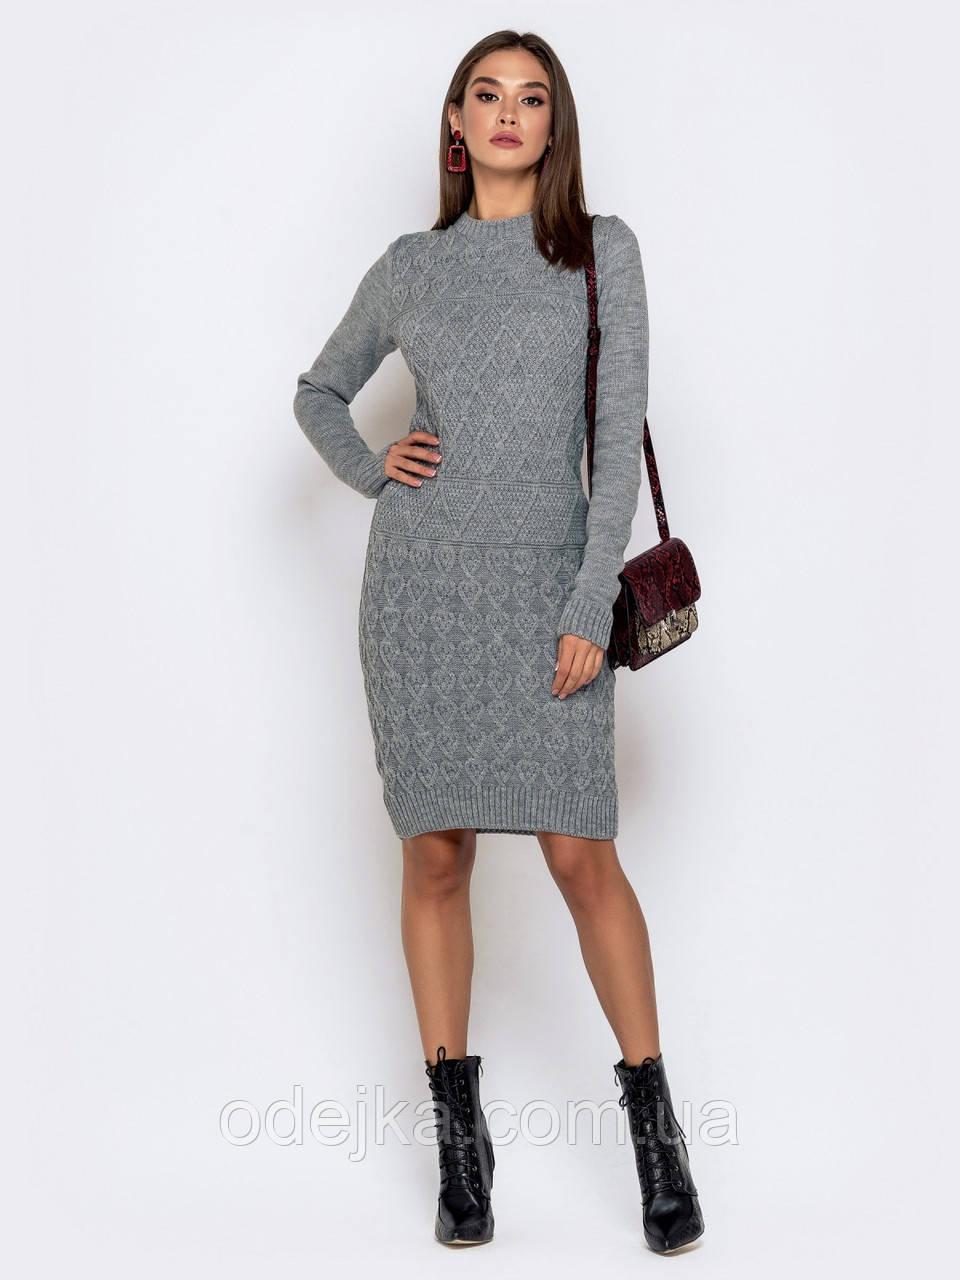 Платье вязанное Хвос